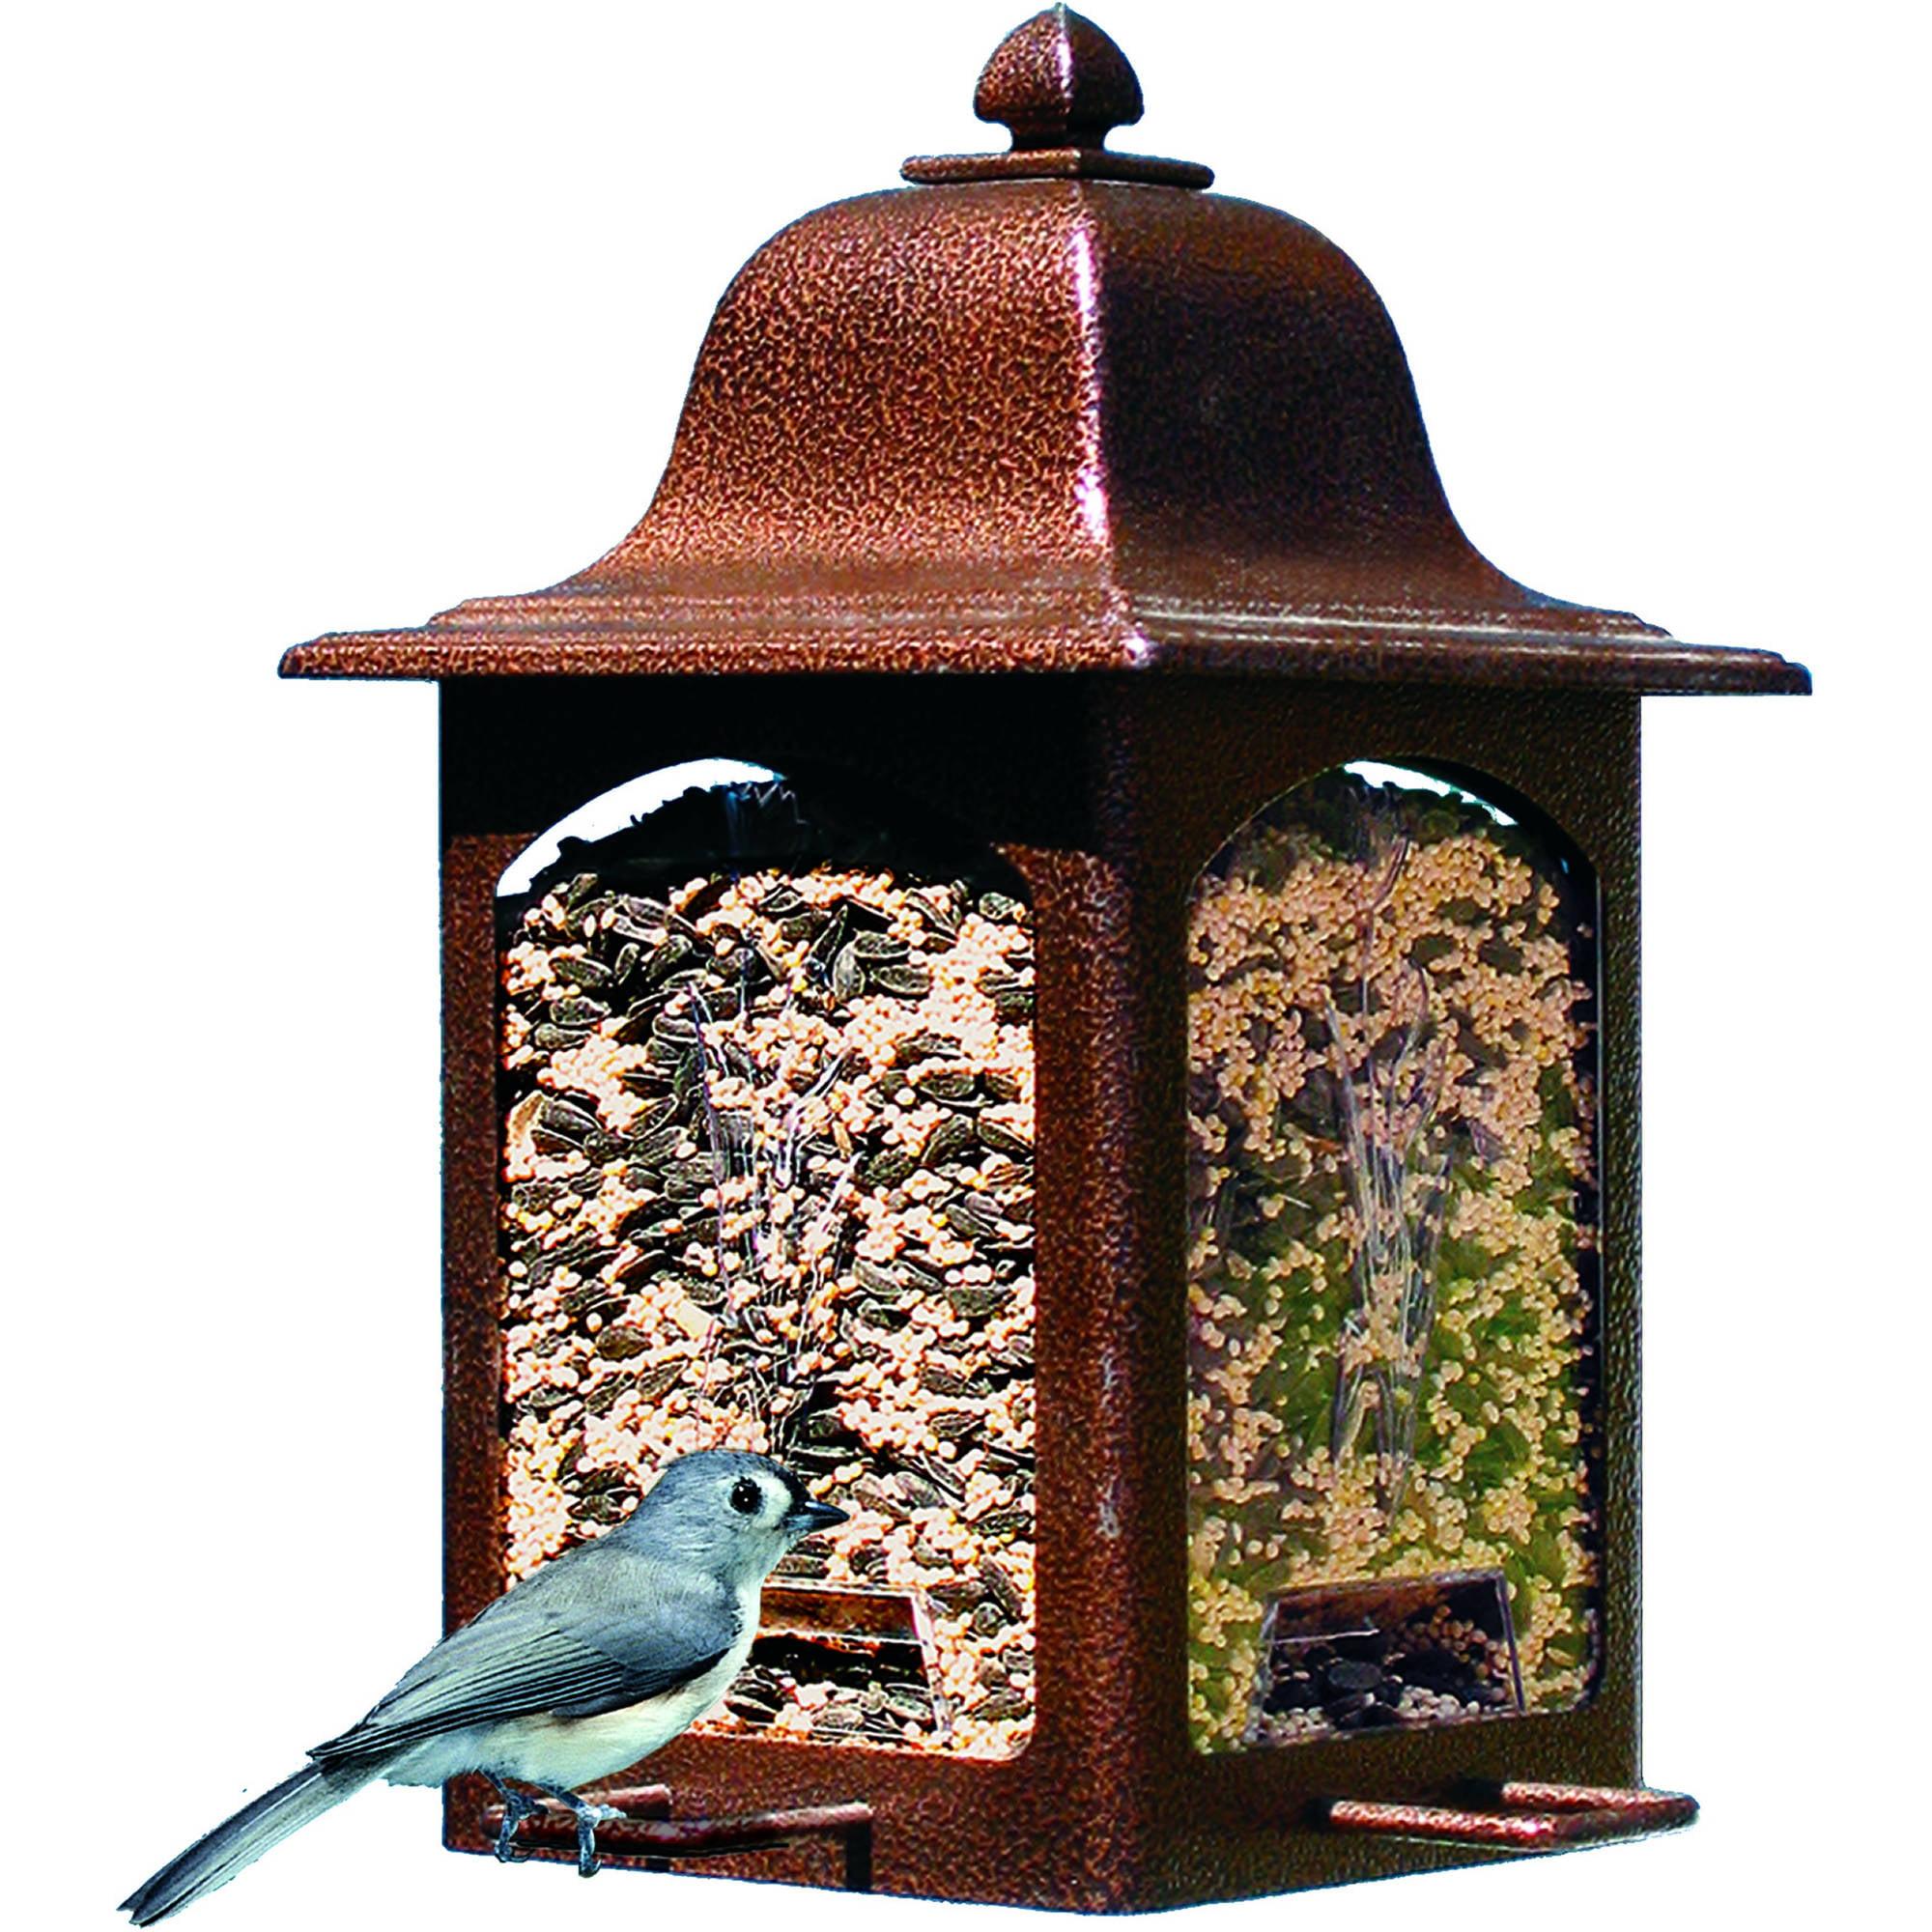 Birdscapes Tulip Garden Lantern Birdfeeder by Woodstream Corp